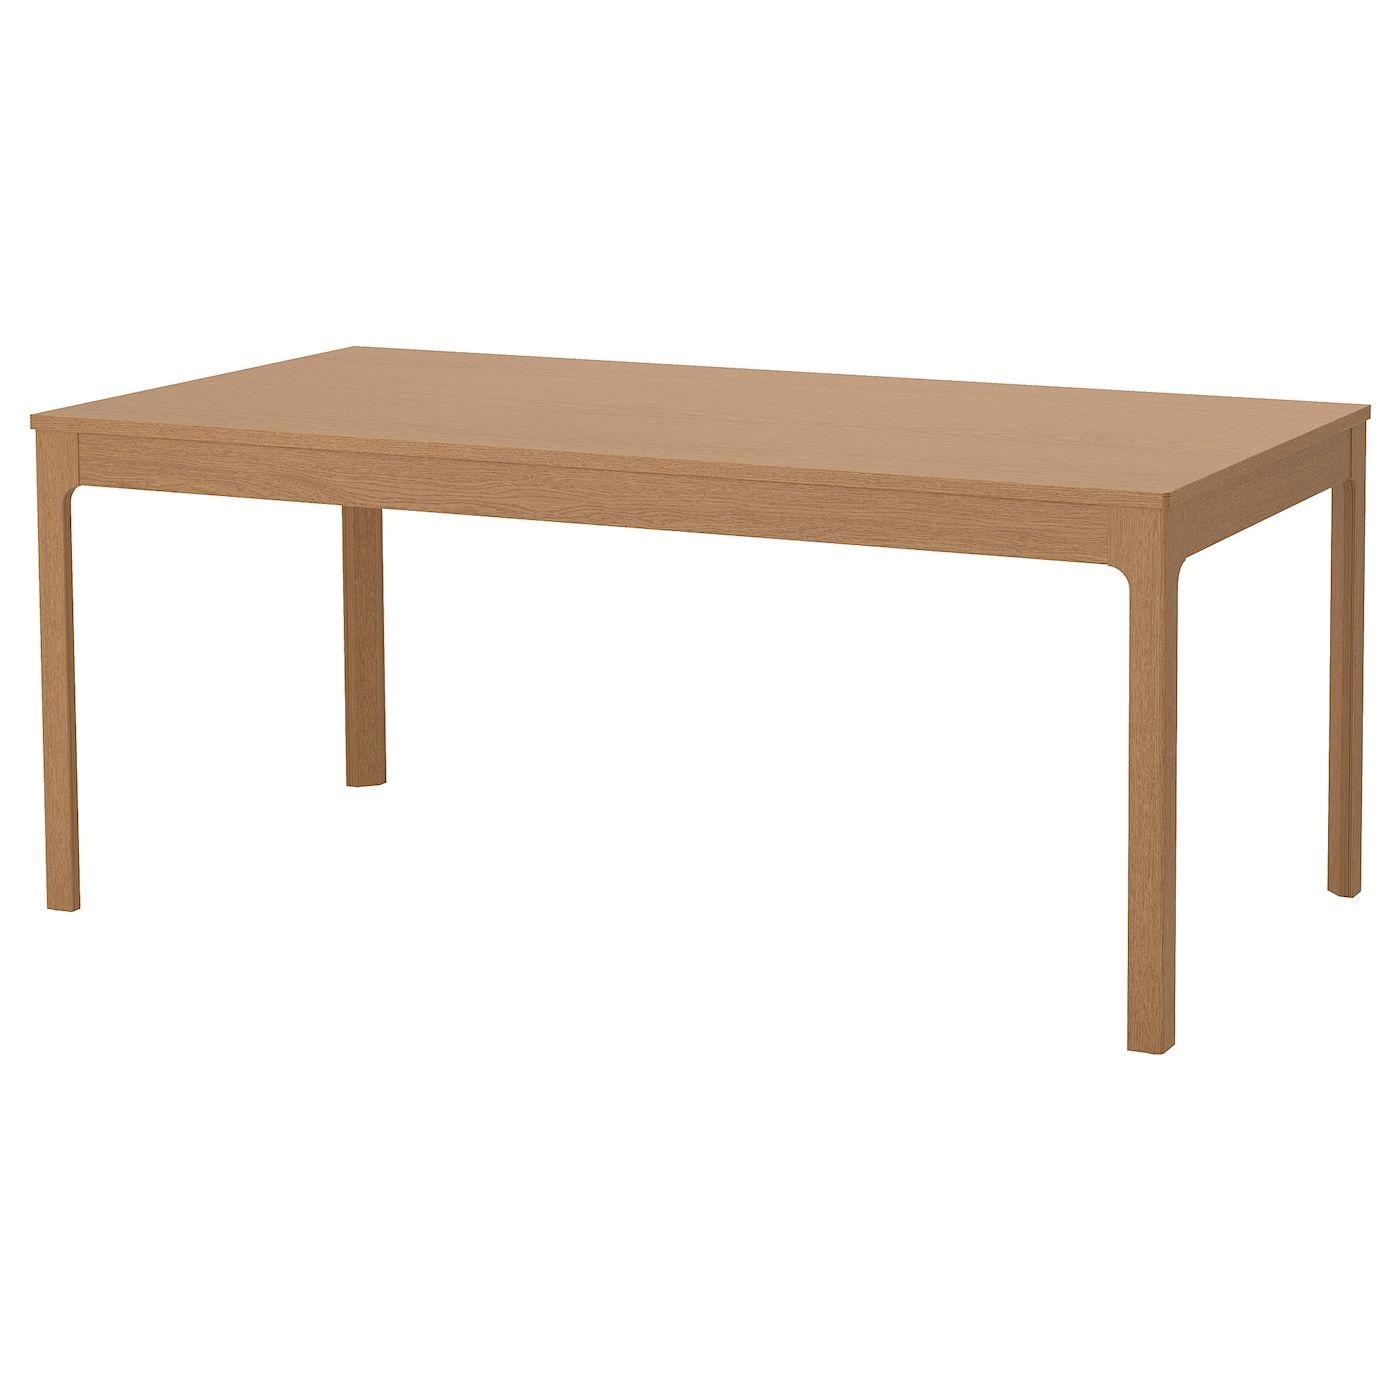 Ikea Uitschuifbare Tafel.Ekedalen Uitschuifbare Tafel Eiken Building Stuff Ikea Dining